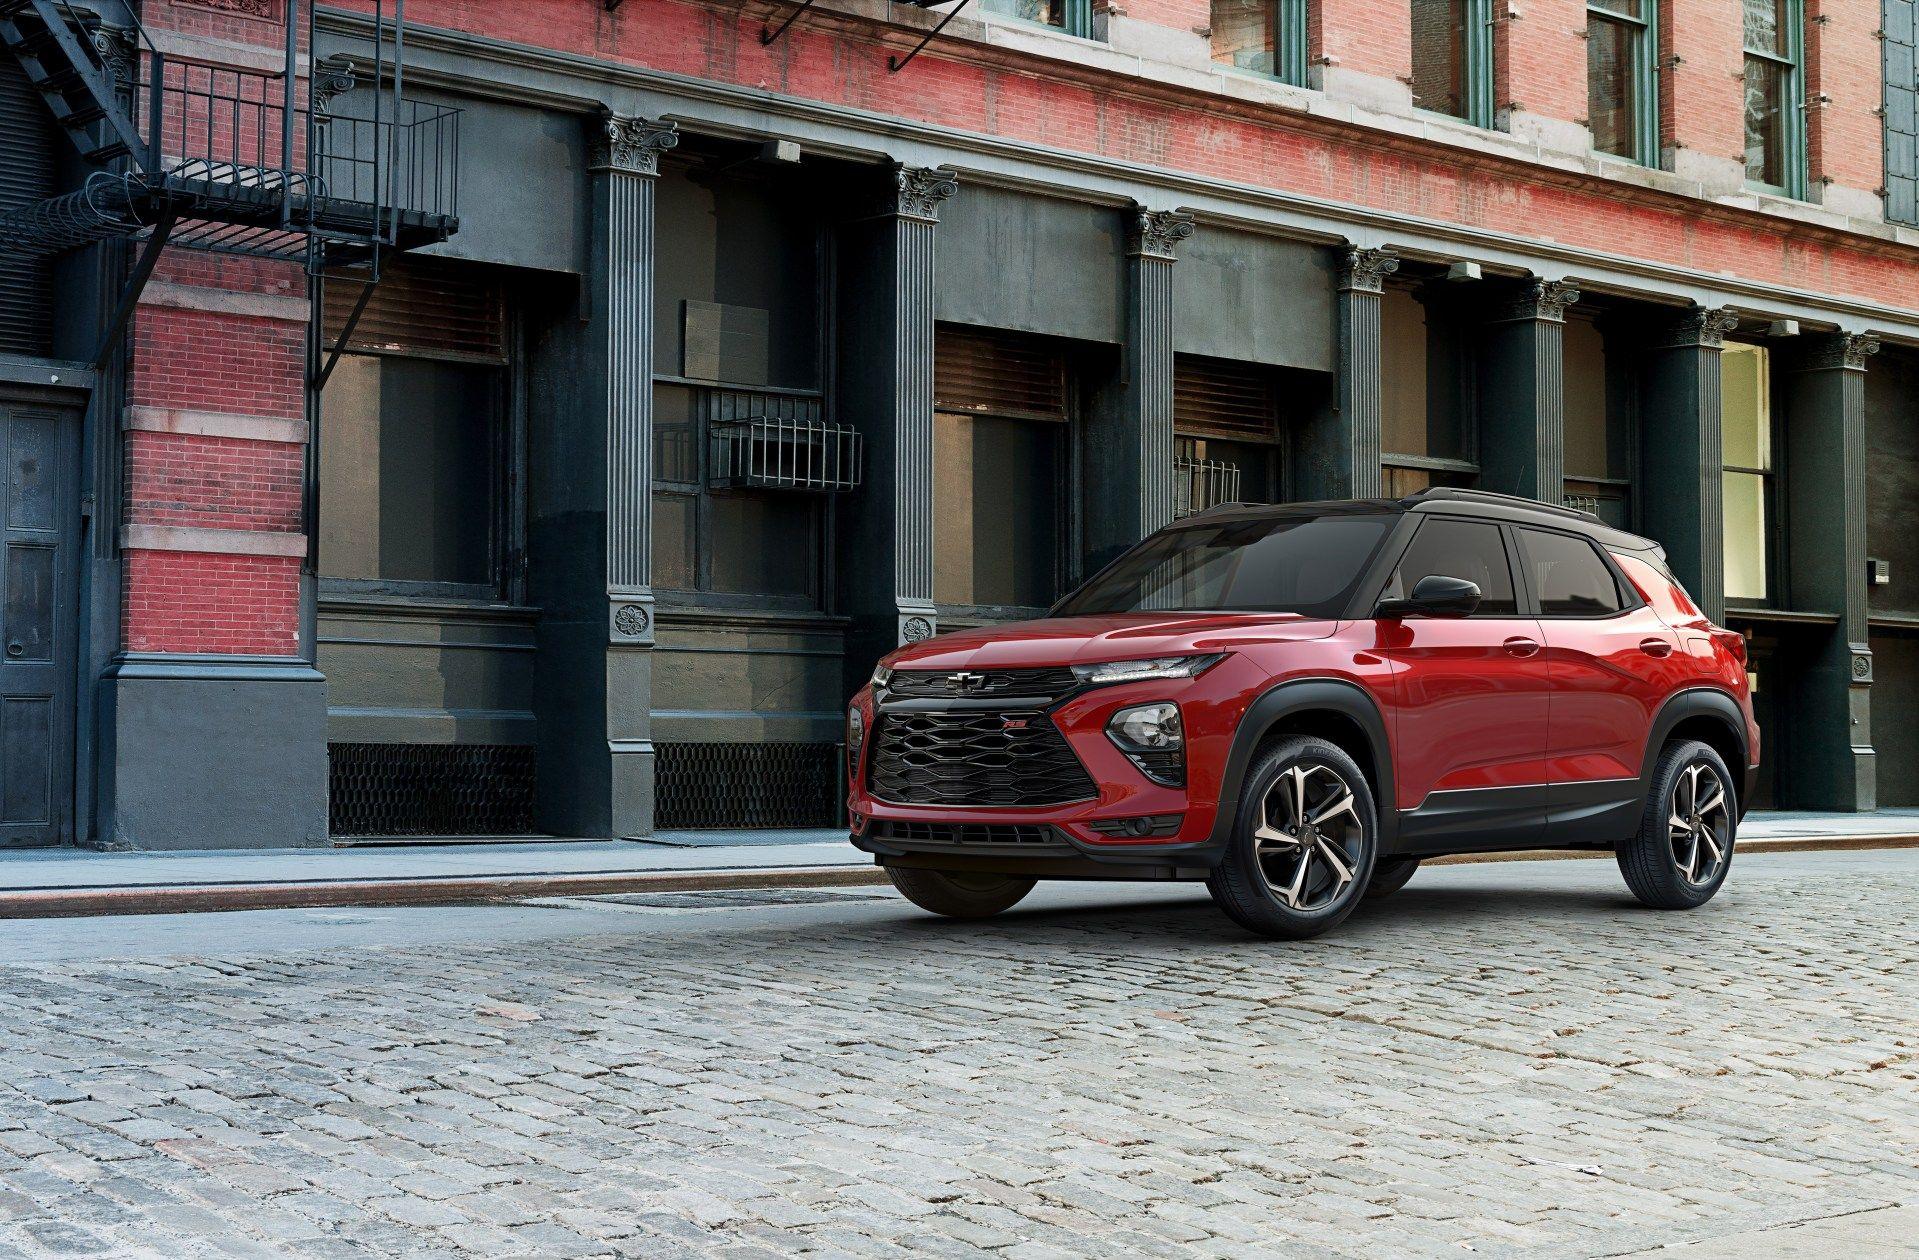 Chevy Introduced The 2021 Trailblazer Chevy Trailblazer Chevrolet Trailblazer Trailblazer Car